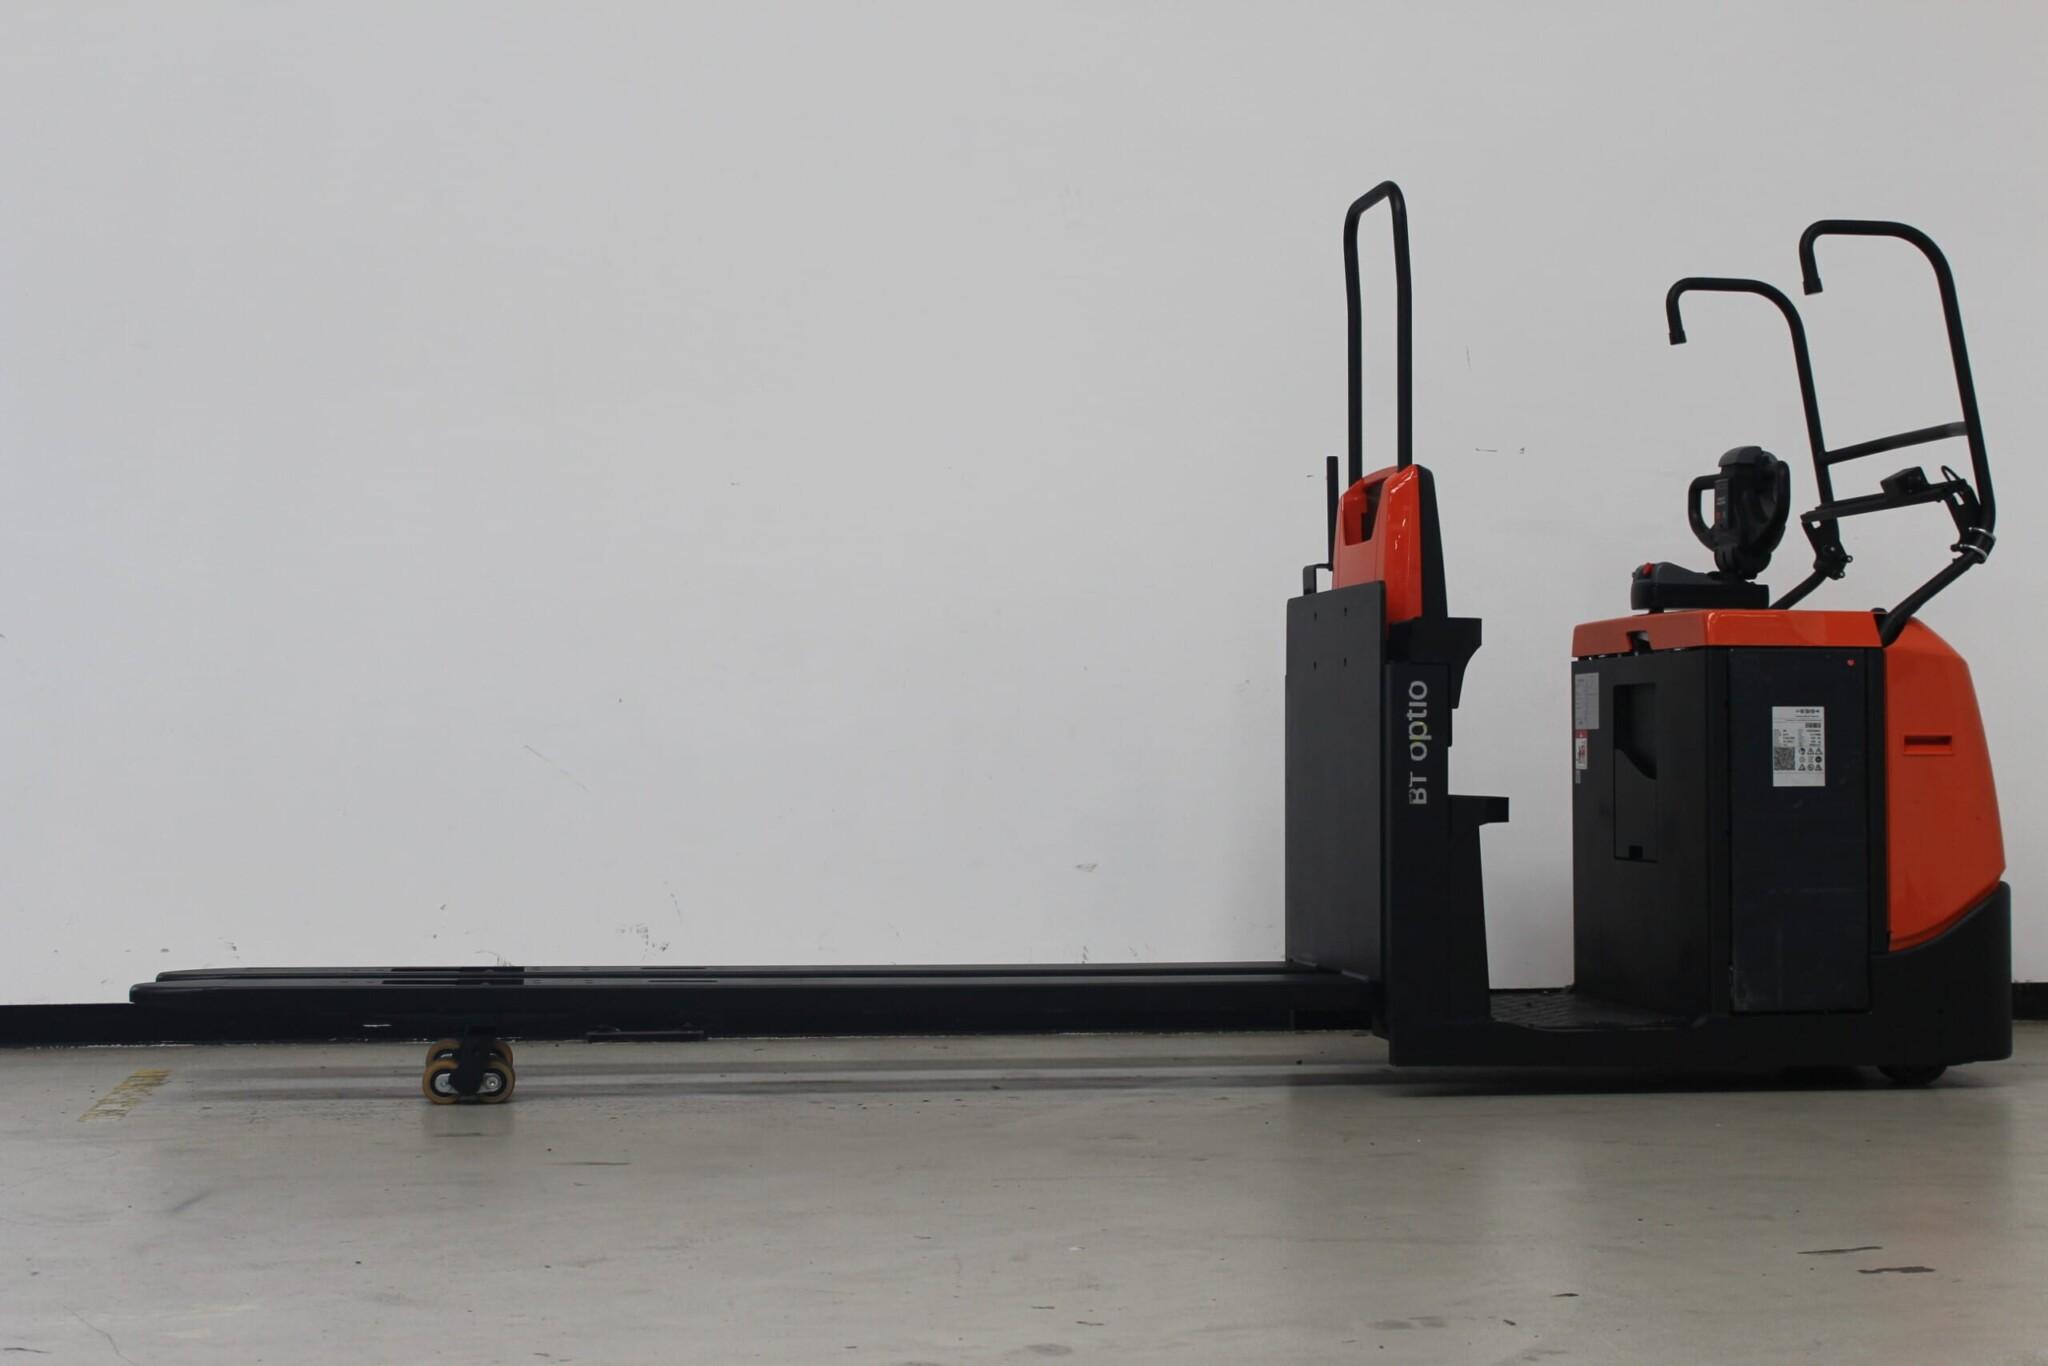 Toyota-Gabelstapler-59840 2001023755 1 scaled